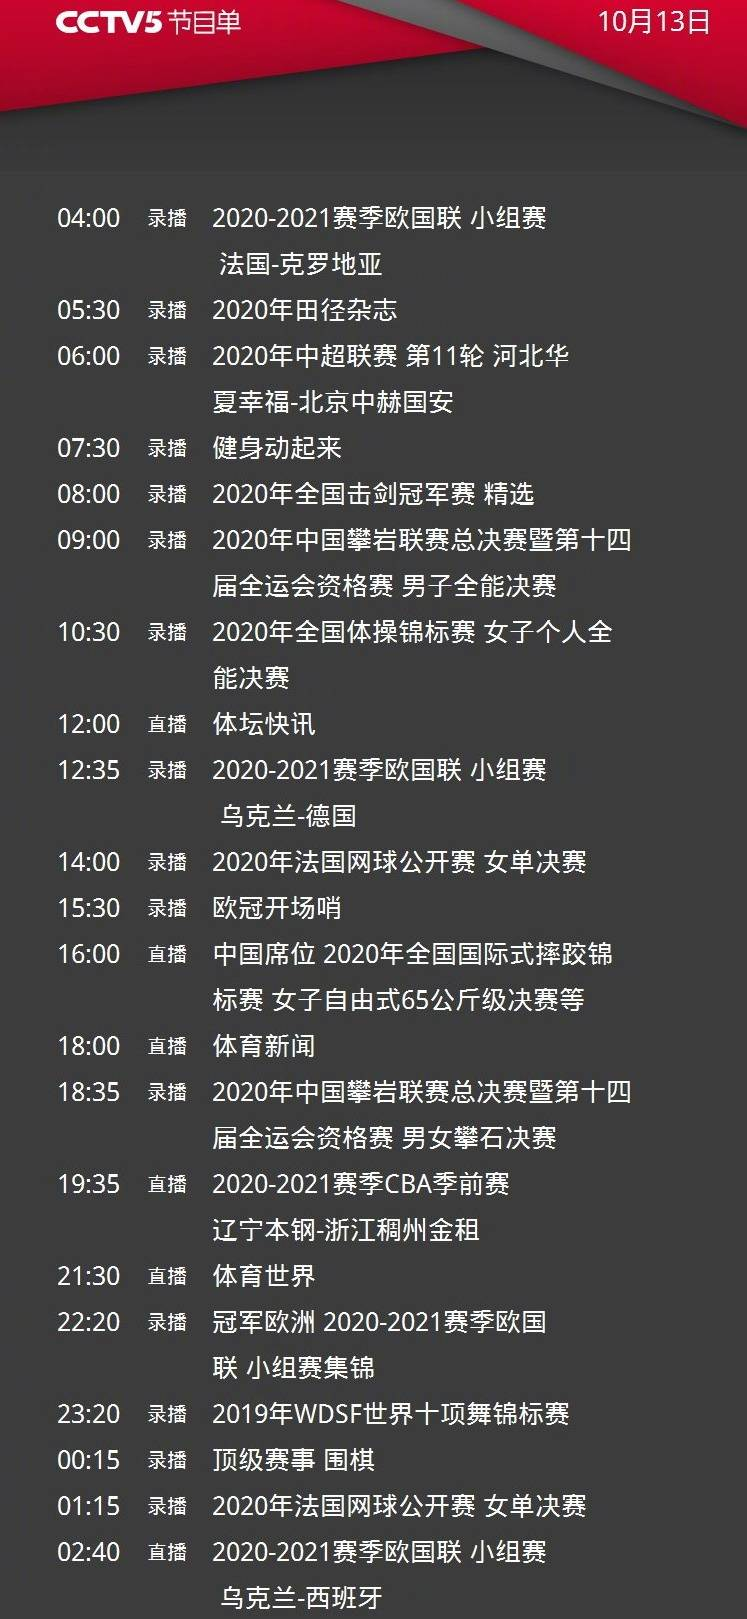 央视今日节目单,CCTV5直播CBA季前赛辽篮VS浙江+欧国联西班牙PK乌克兰